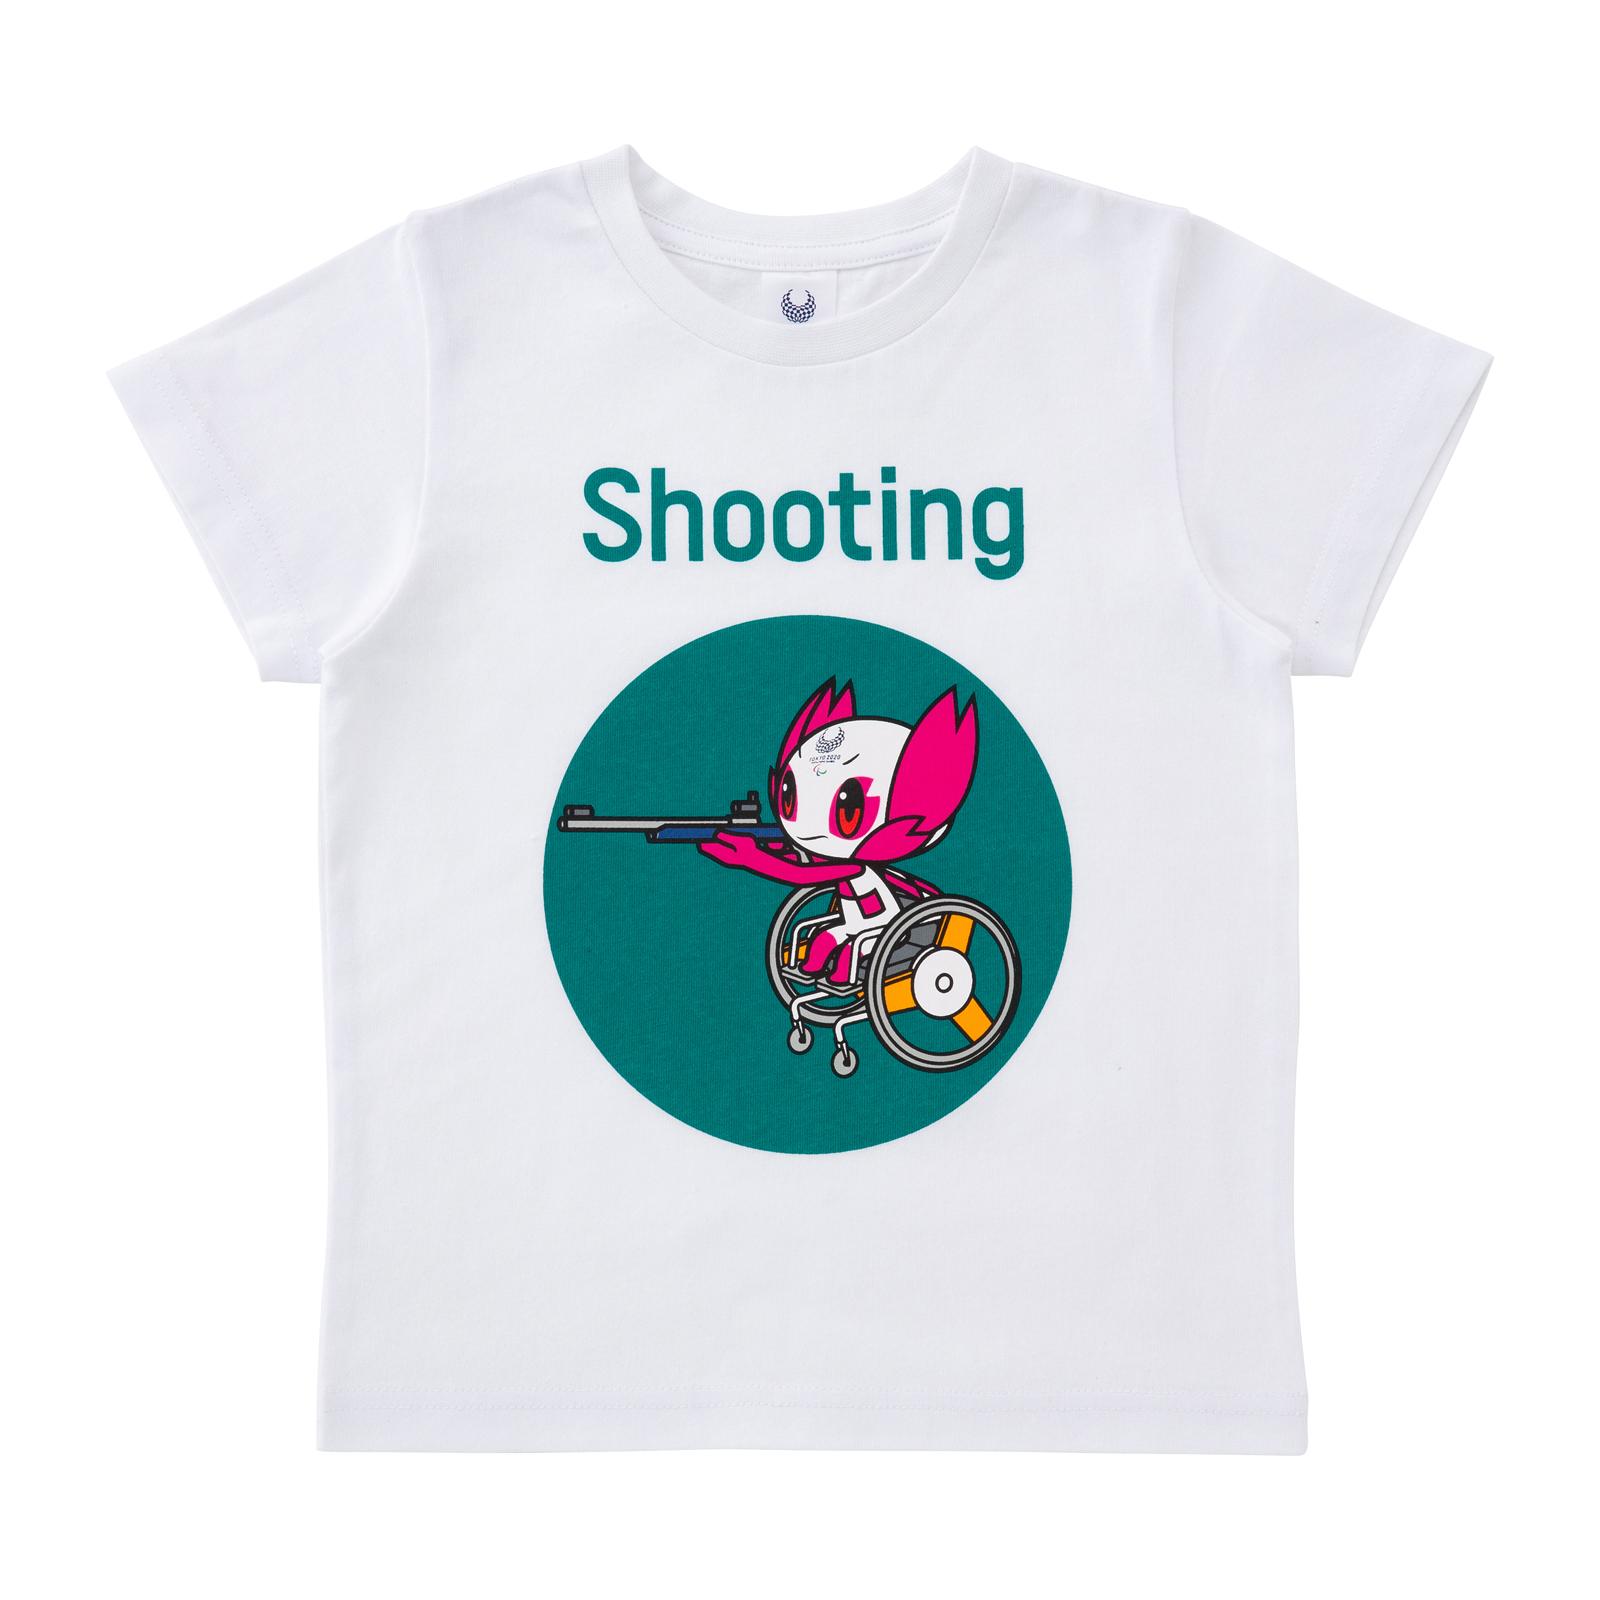 KIDSTシャツ射撃(東京2020パラリンピックマスコット)